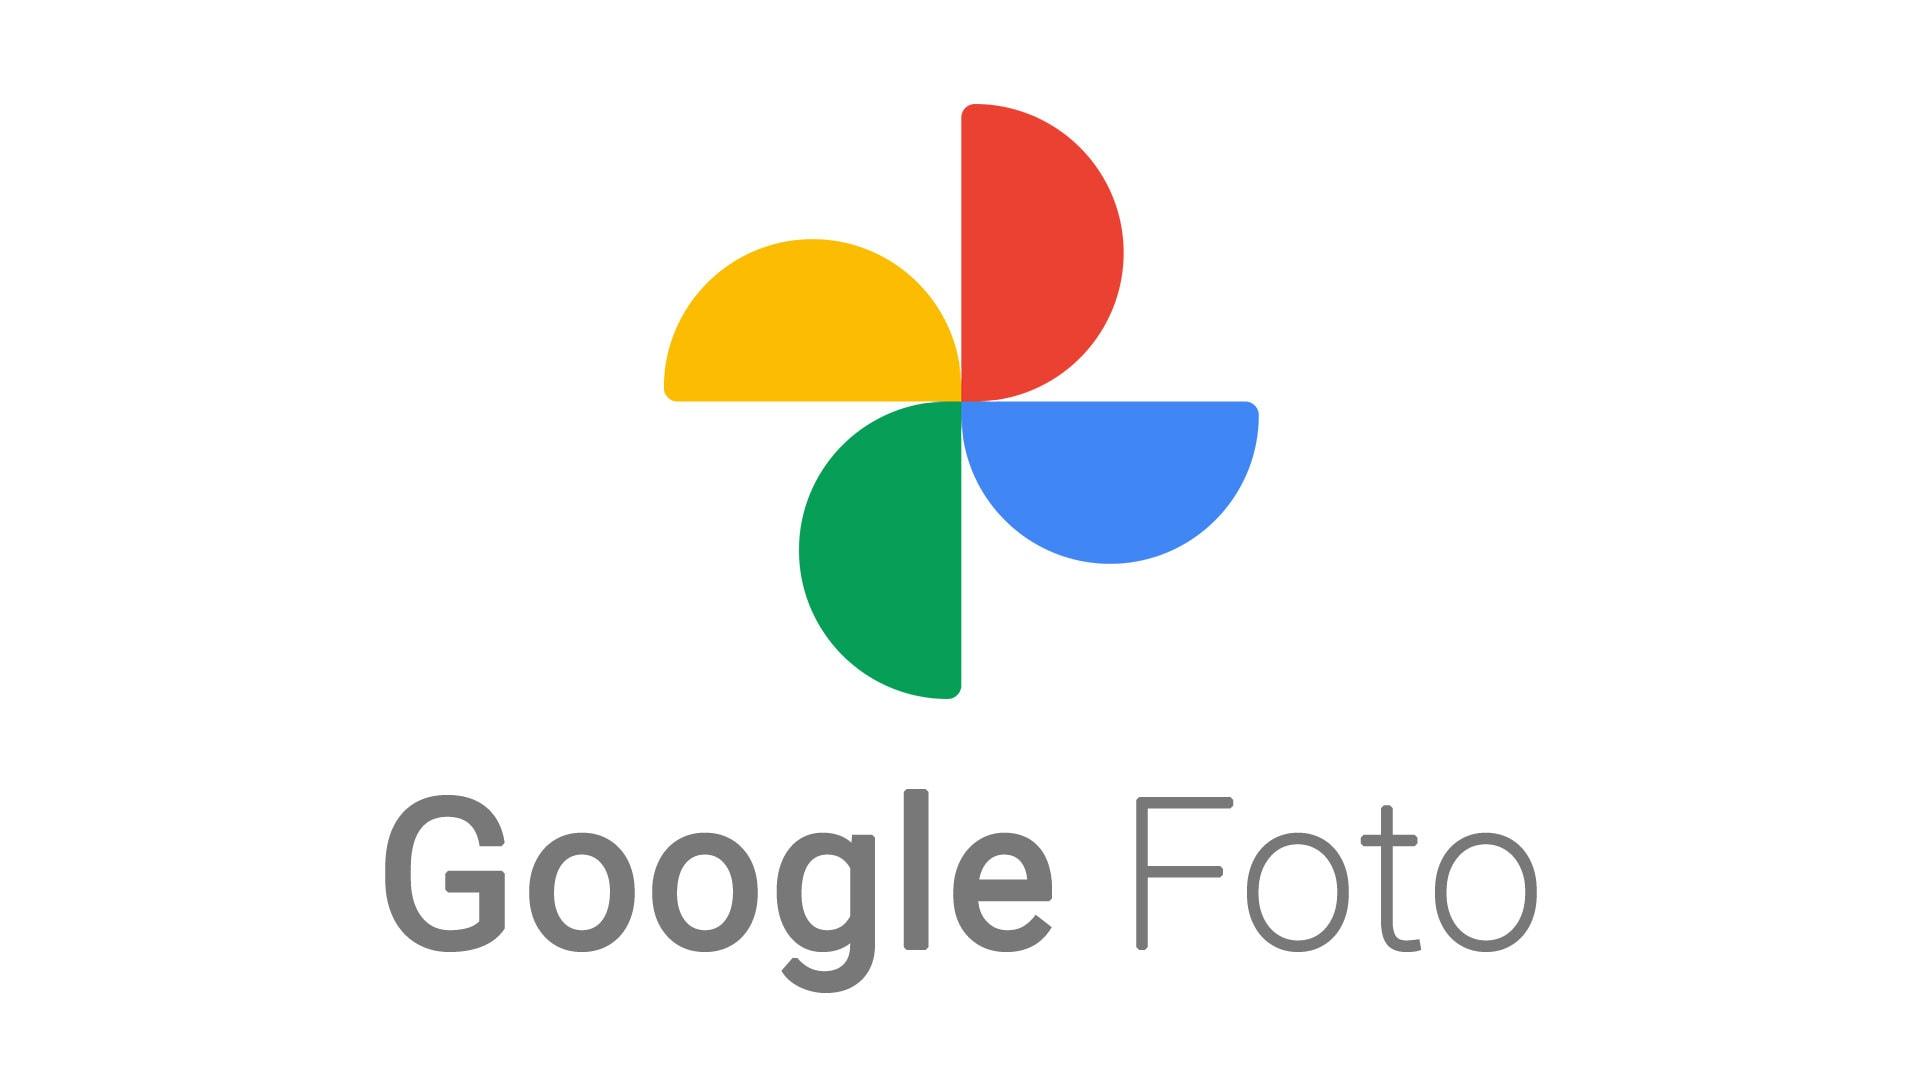 Vedere le immagini condivise con noi su Google Foto adesso è più semplice (foto)